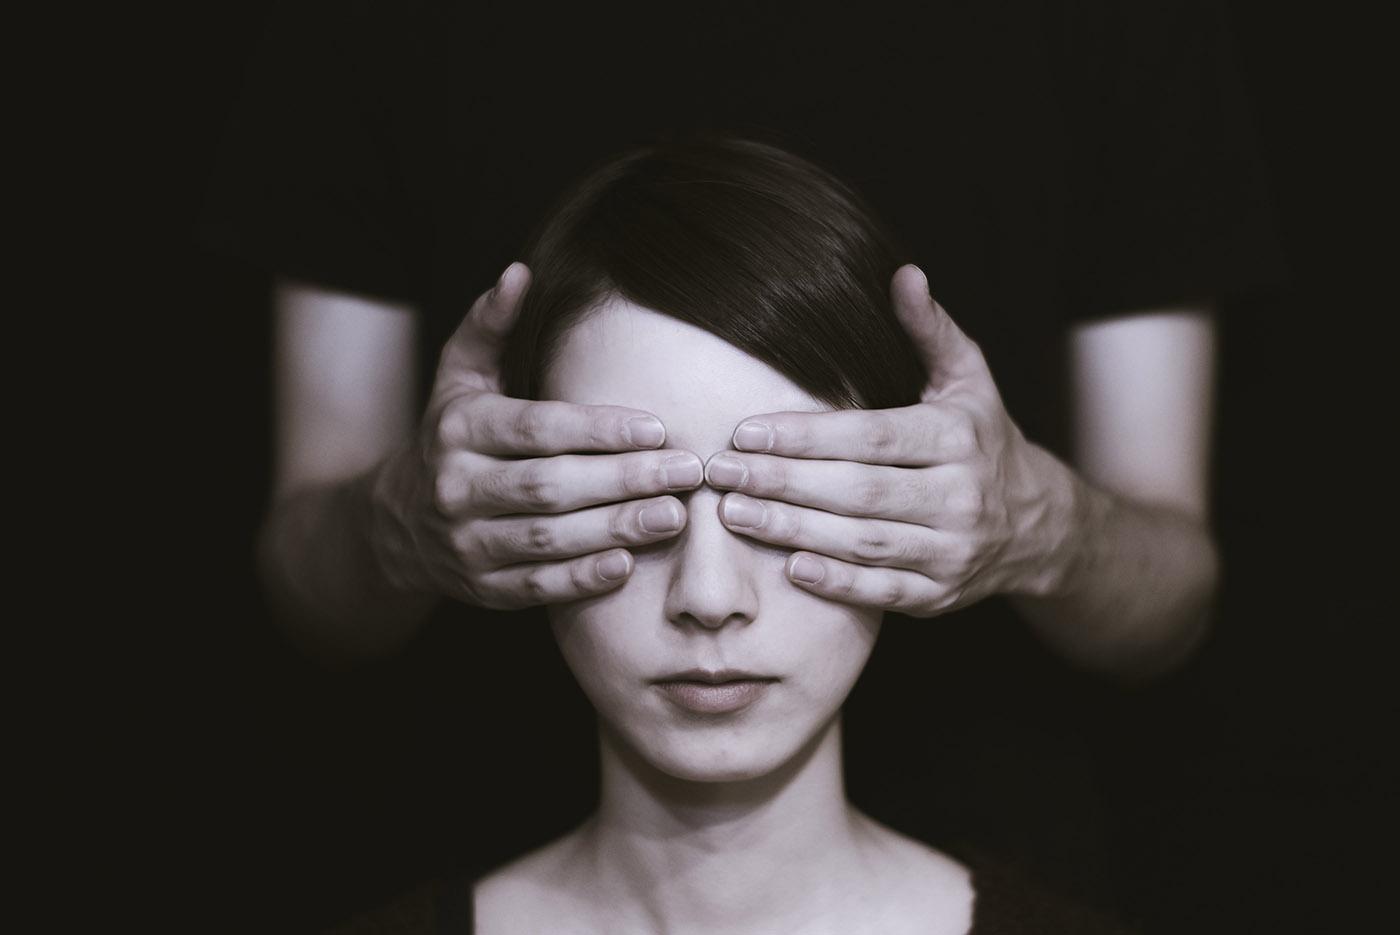 Helyreállítják-e a vak emberek látását?